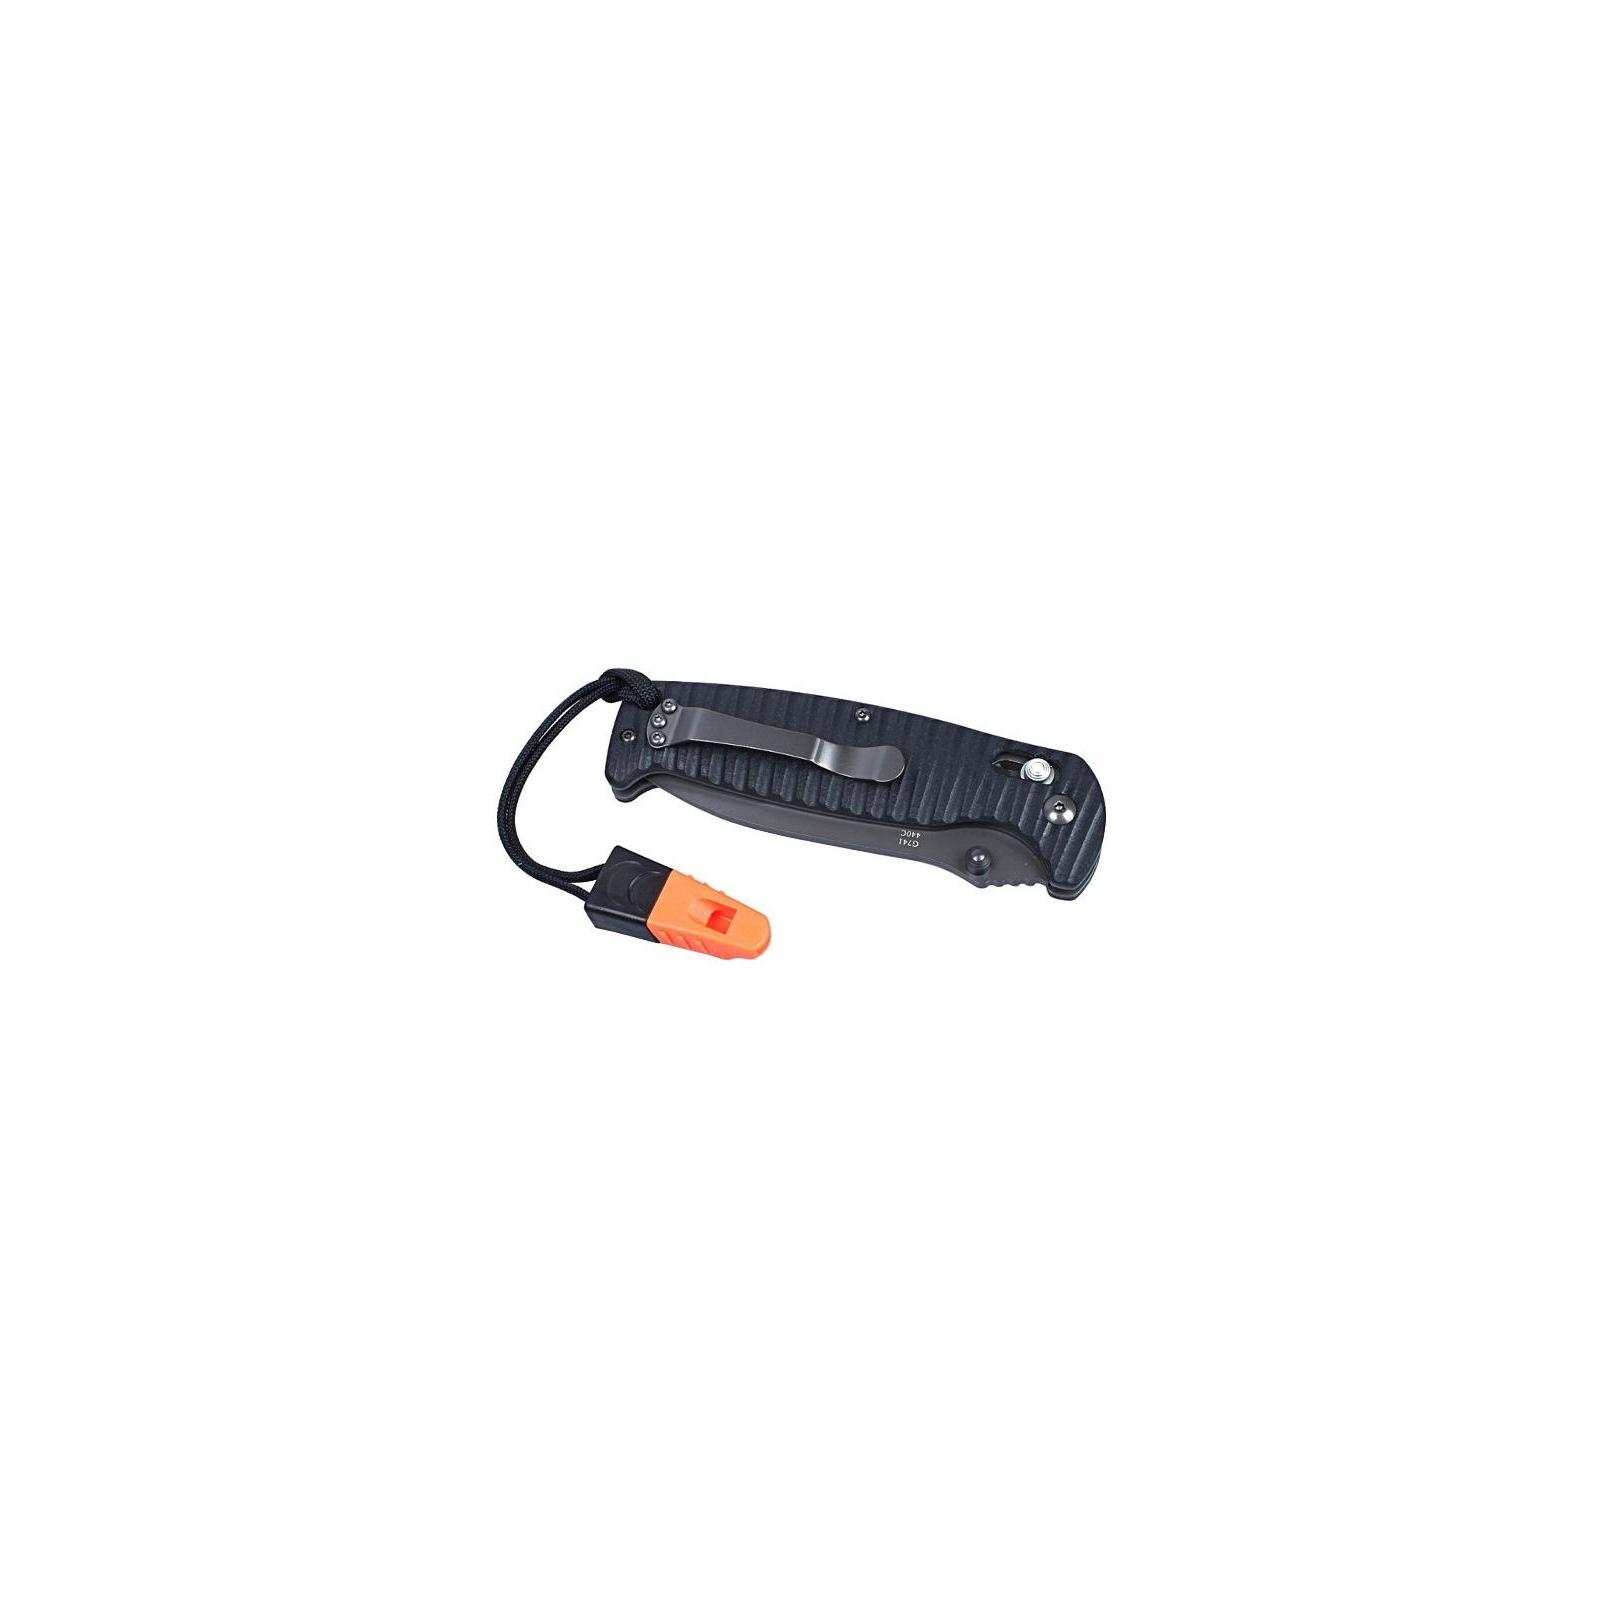 Нож Ganzo G7413P-BK-WS чёрный (G7413P-BK-WS) изображение 5